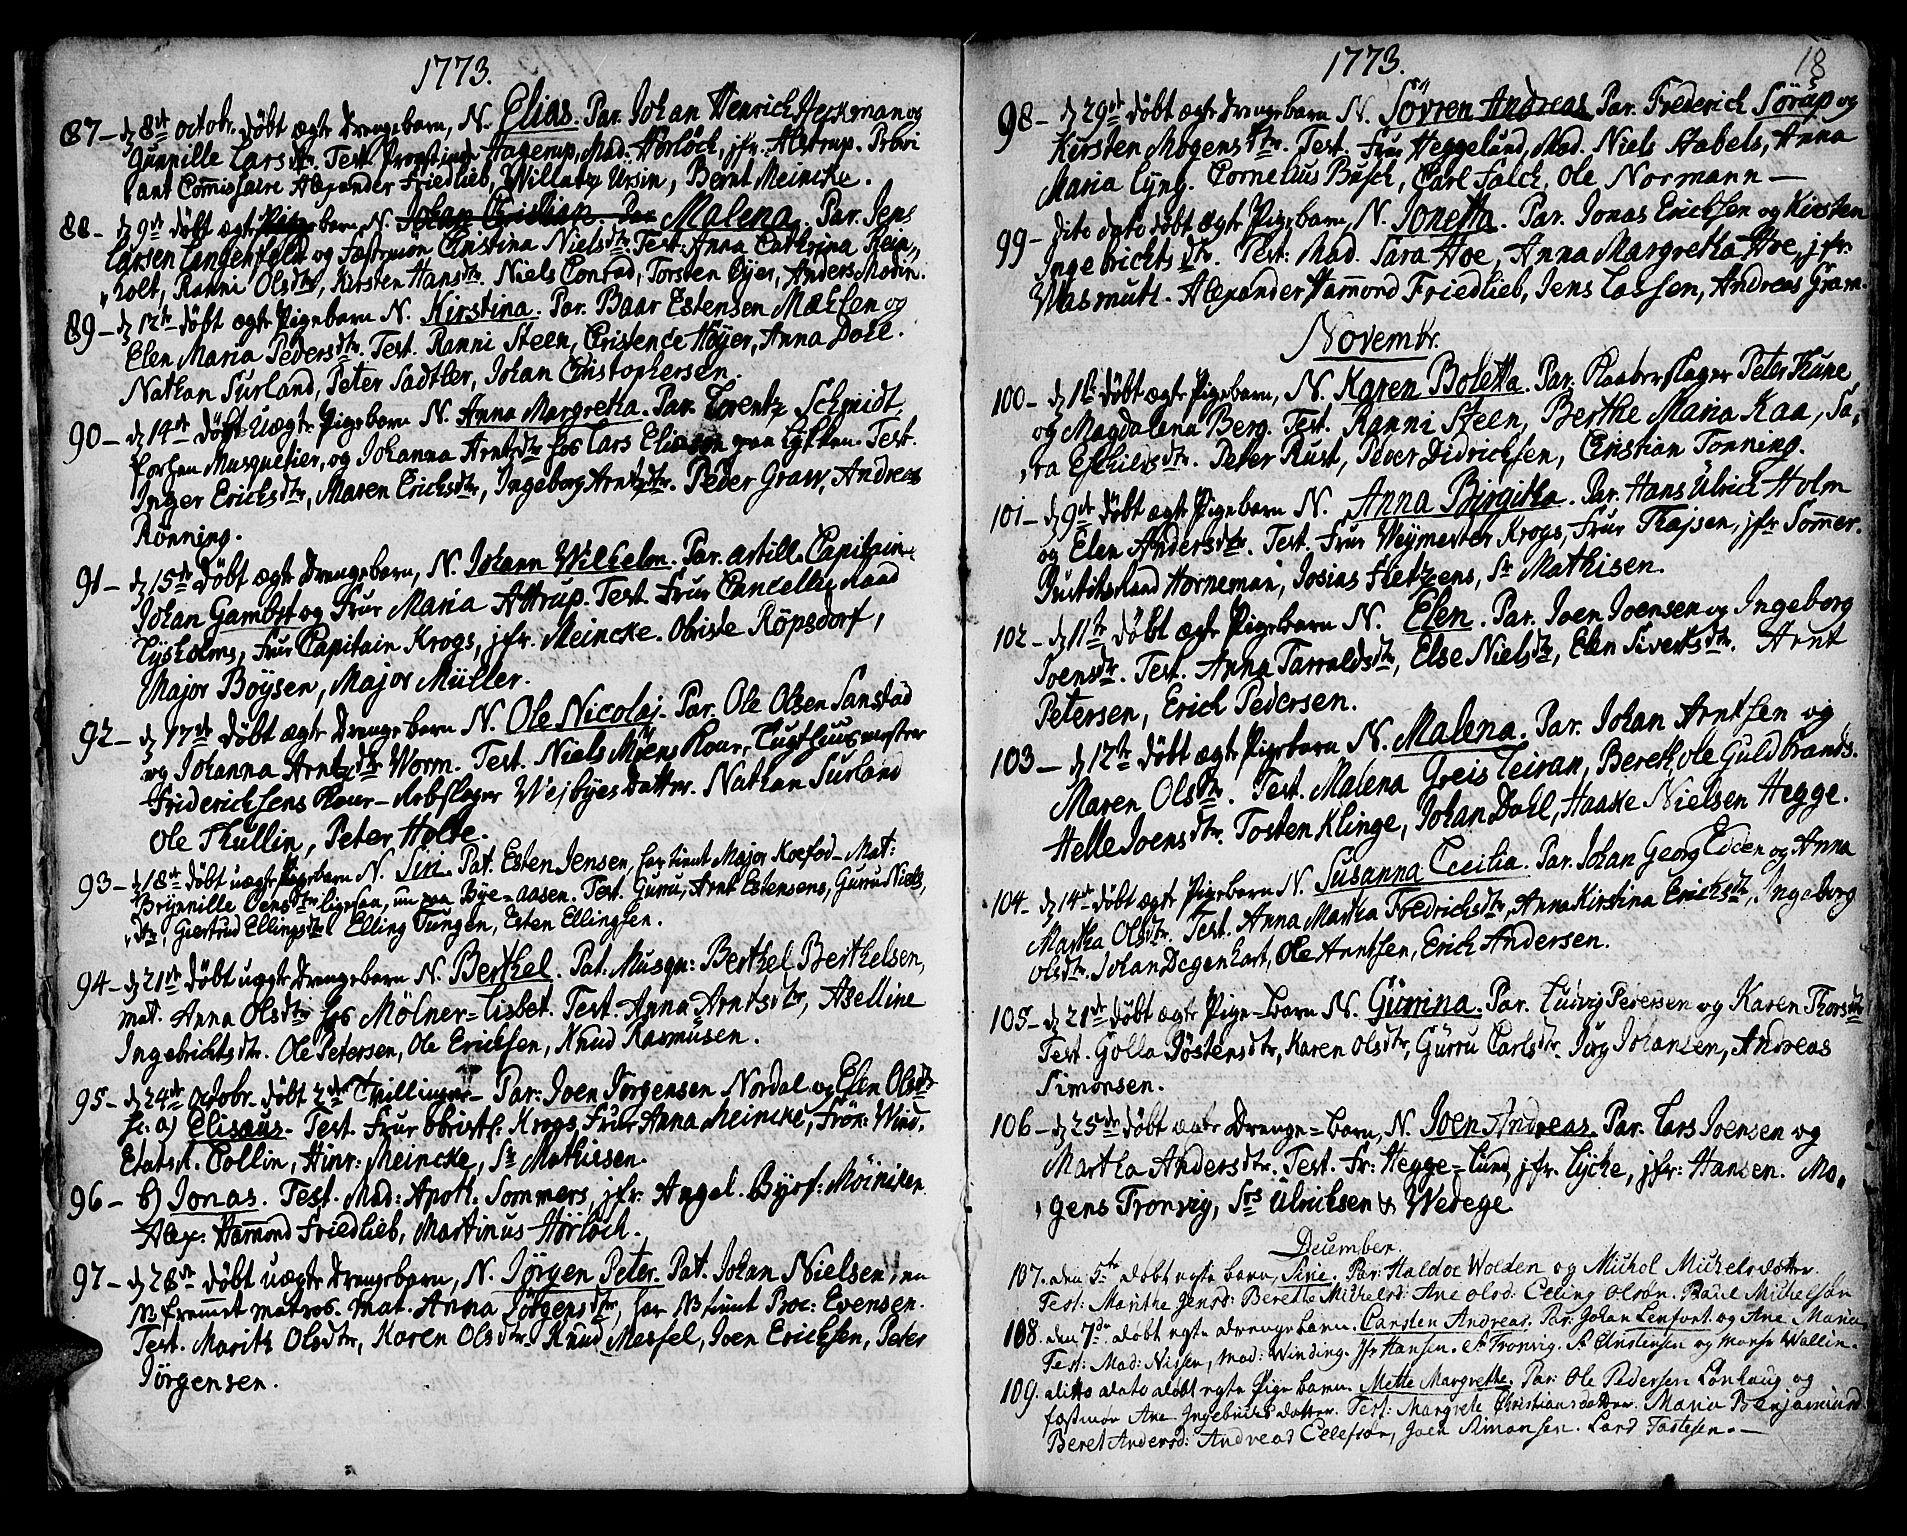 SAT, Ministerialprotokoller, klokkerbøker og fødselsregistre - Sør-Trøndelag, 601/L0039: Ministerialbok nr. 601A07, 1770-1819, s. 18